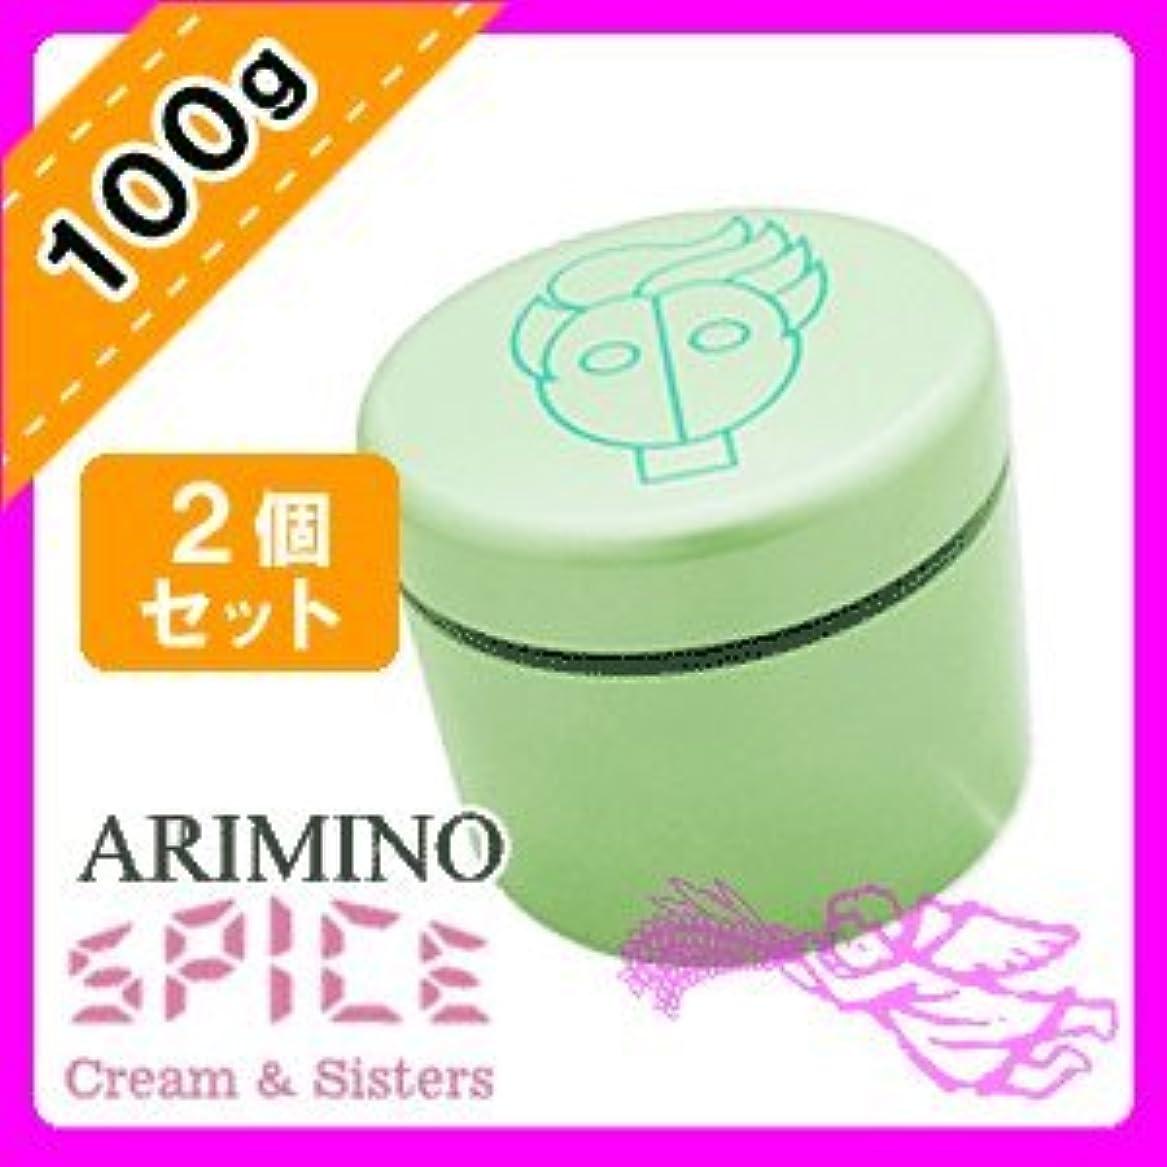 アリミノ スパイスネオ グリースワックス100g ×2個 セット arimino SPICE